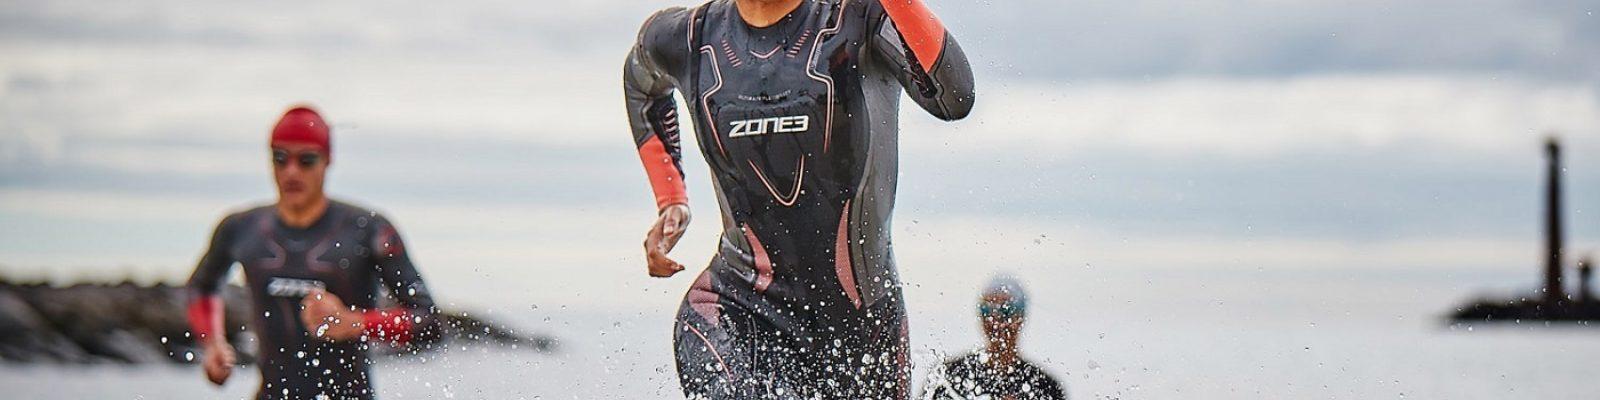 Zone3 wetsuit vanquish womens lifestyle 03